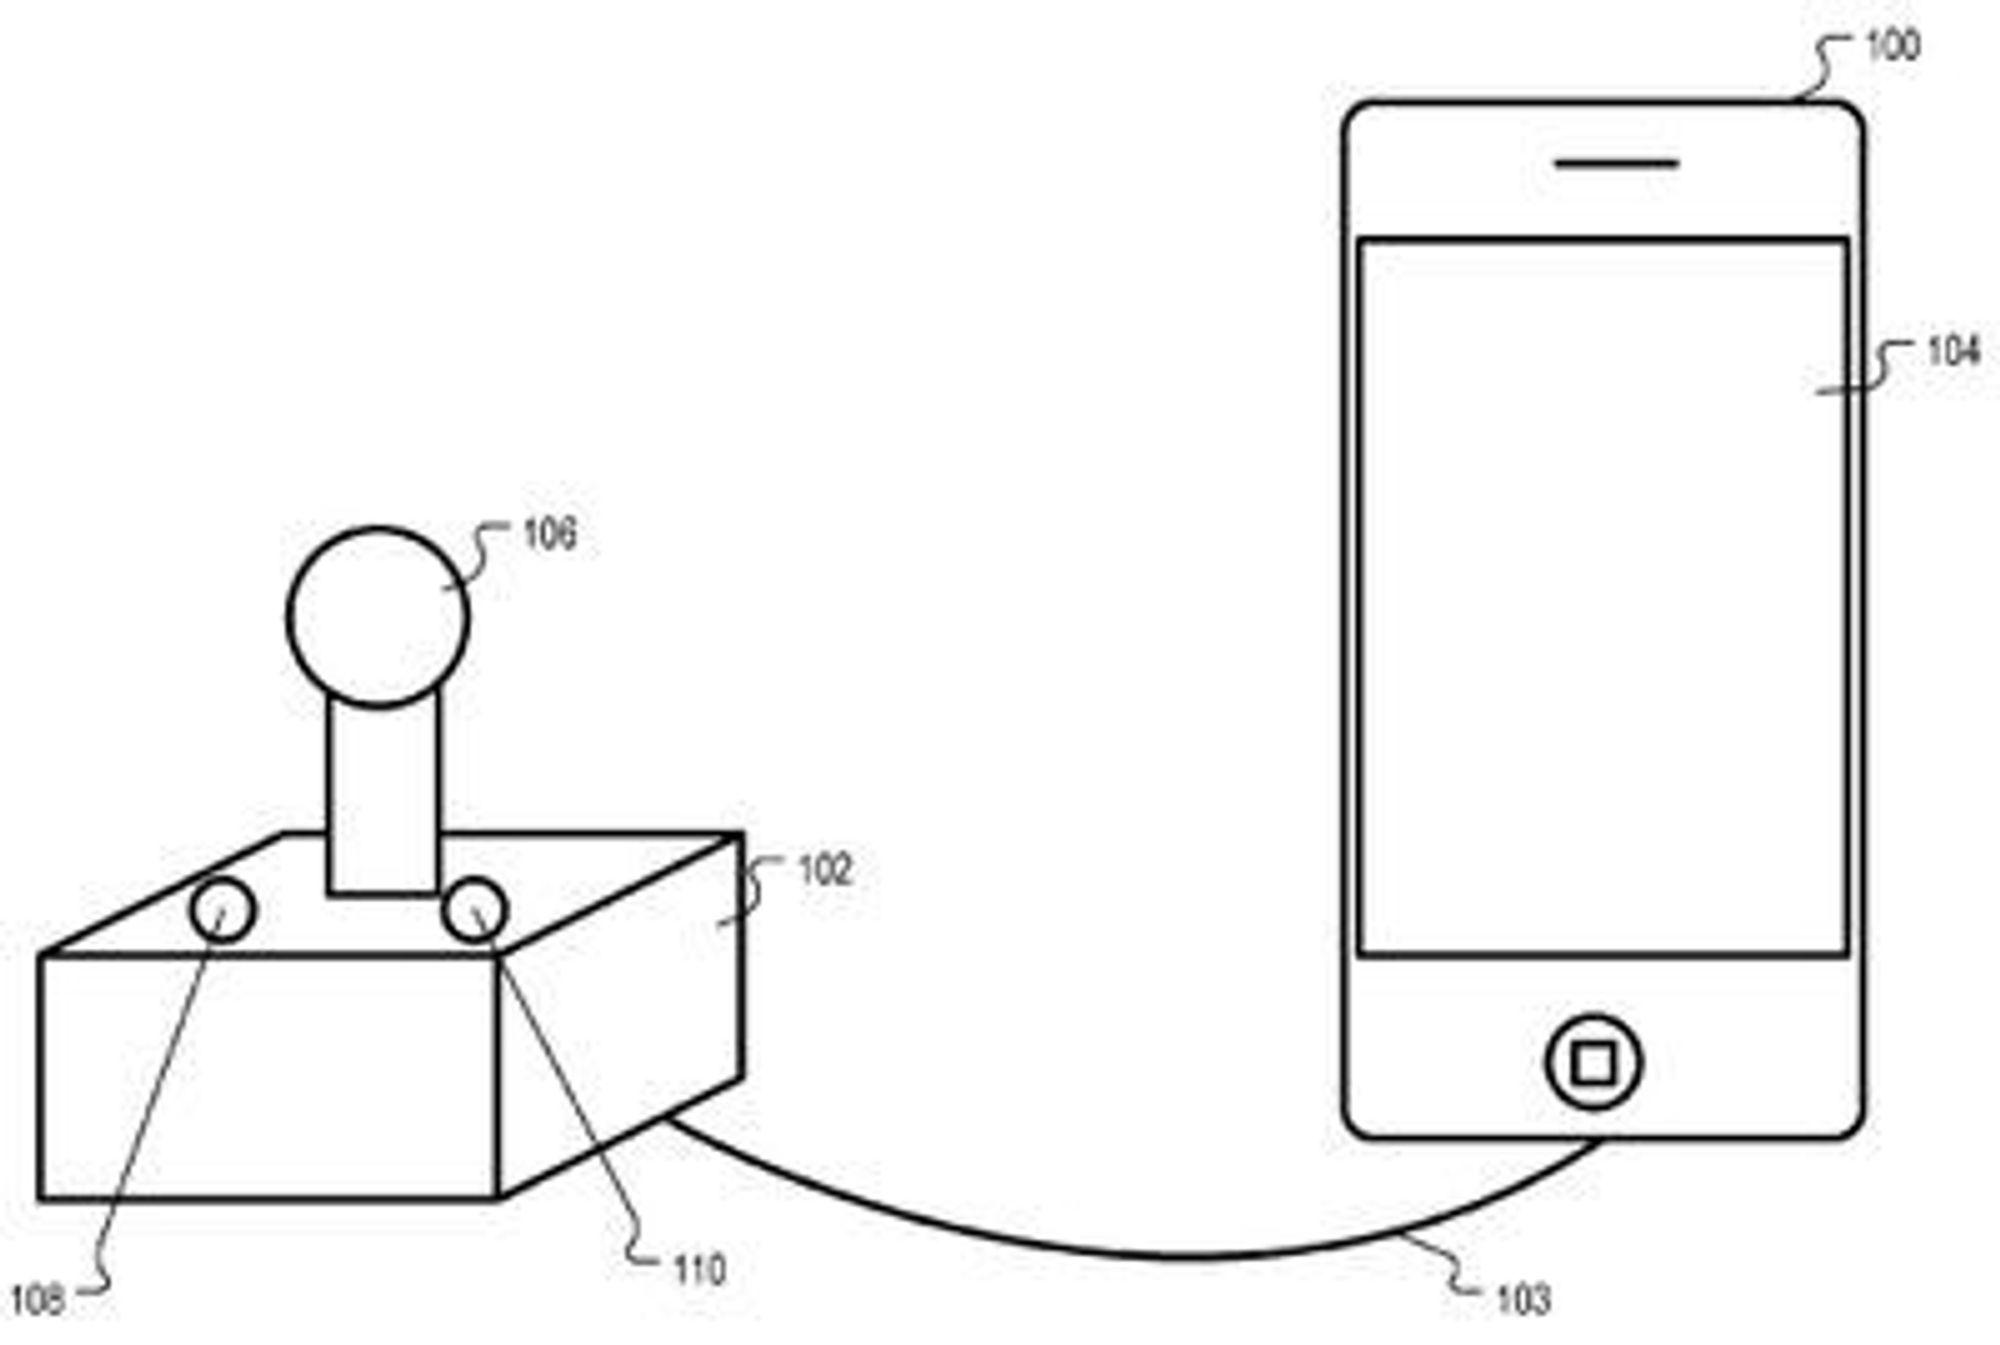 Illustrasjonen i patentet viser en spillkontroll med to knapper. I praksis dekker patentet alle tenkelige hjelpemidler for alle former for funksjonshemming.